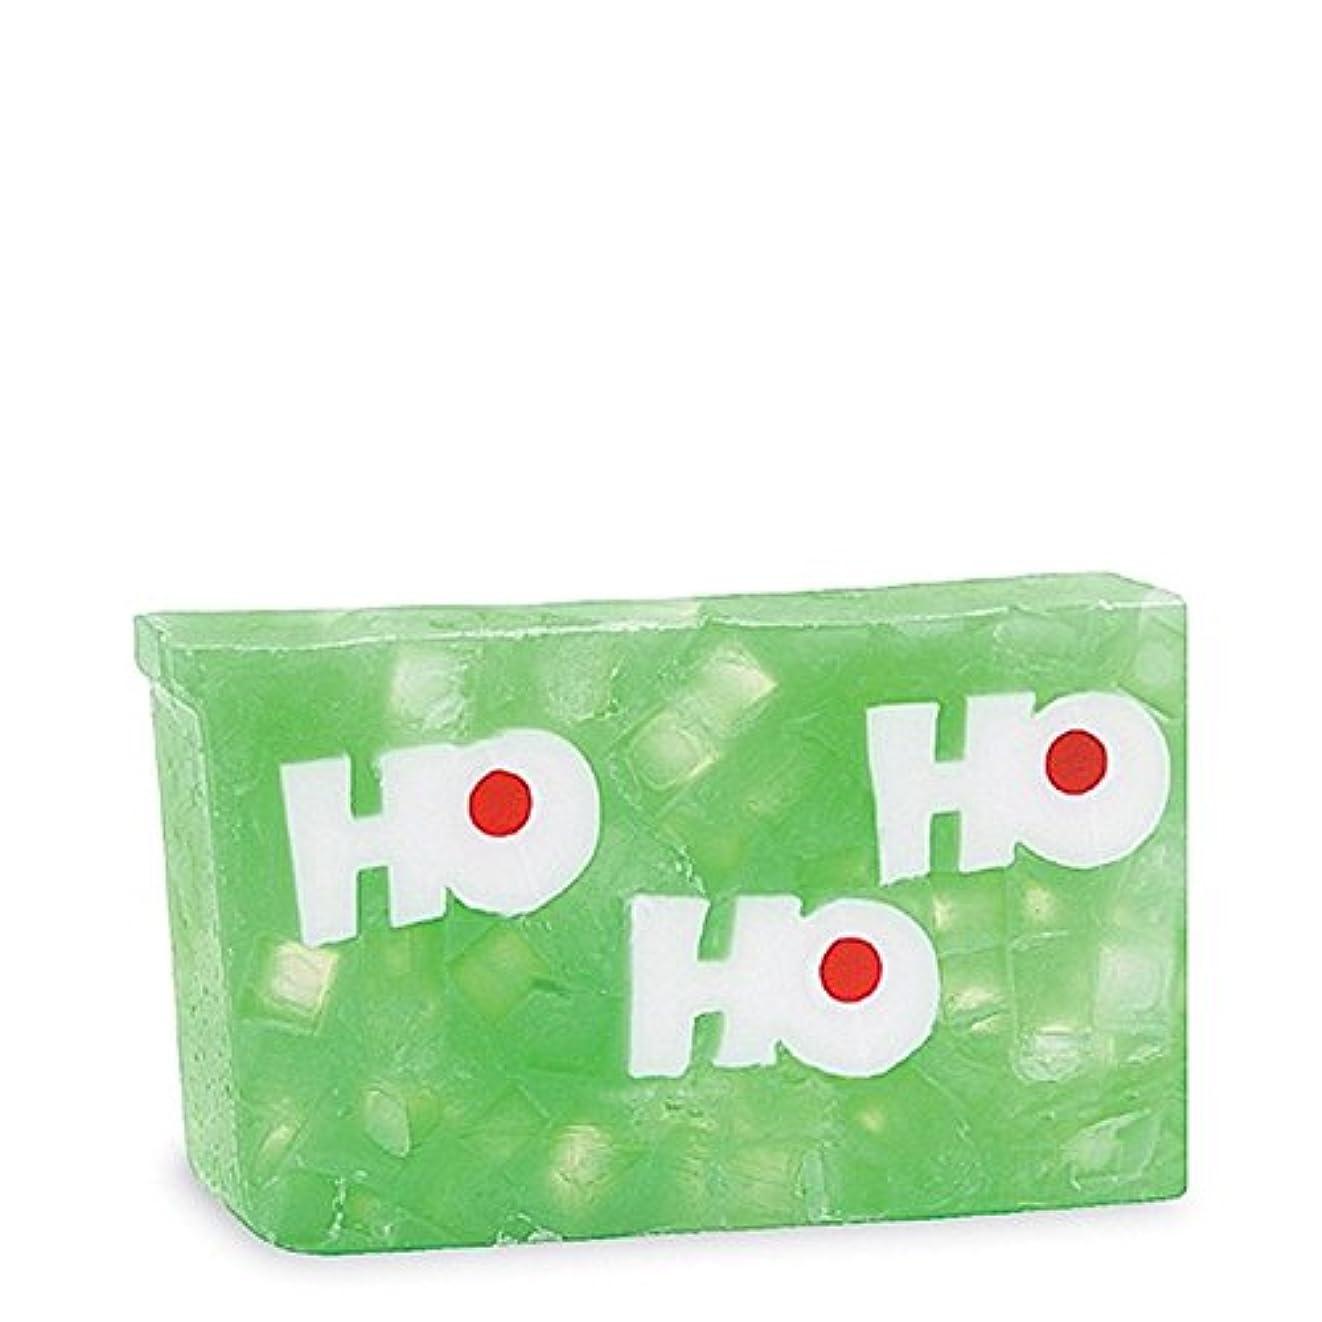 排泄する出演者灌漑Primal Elements Ho Ho Ho Soap - 原初の要素ホーホーホ石鹸 [並行輸入品]